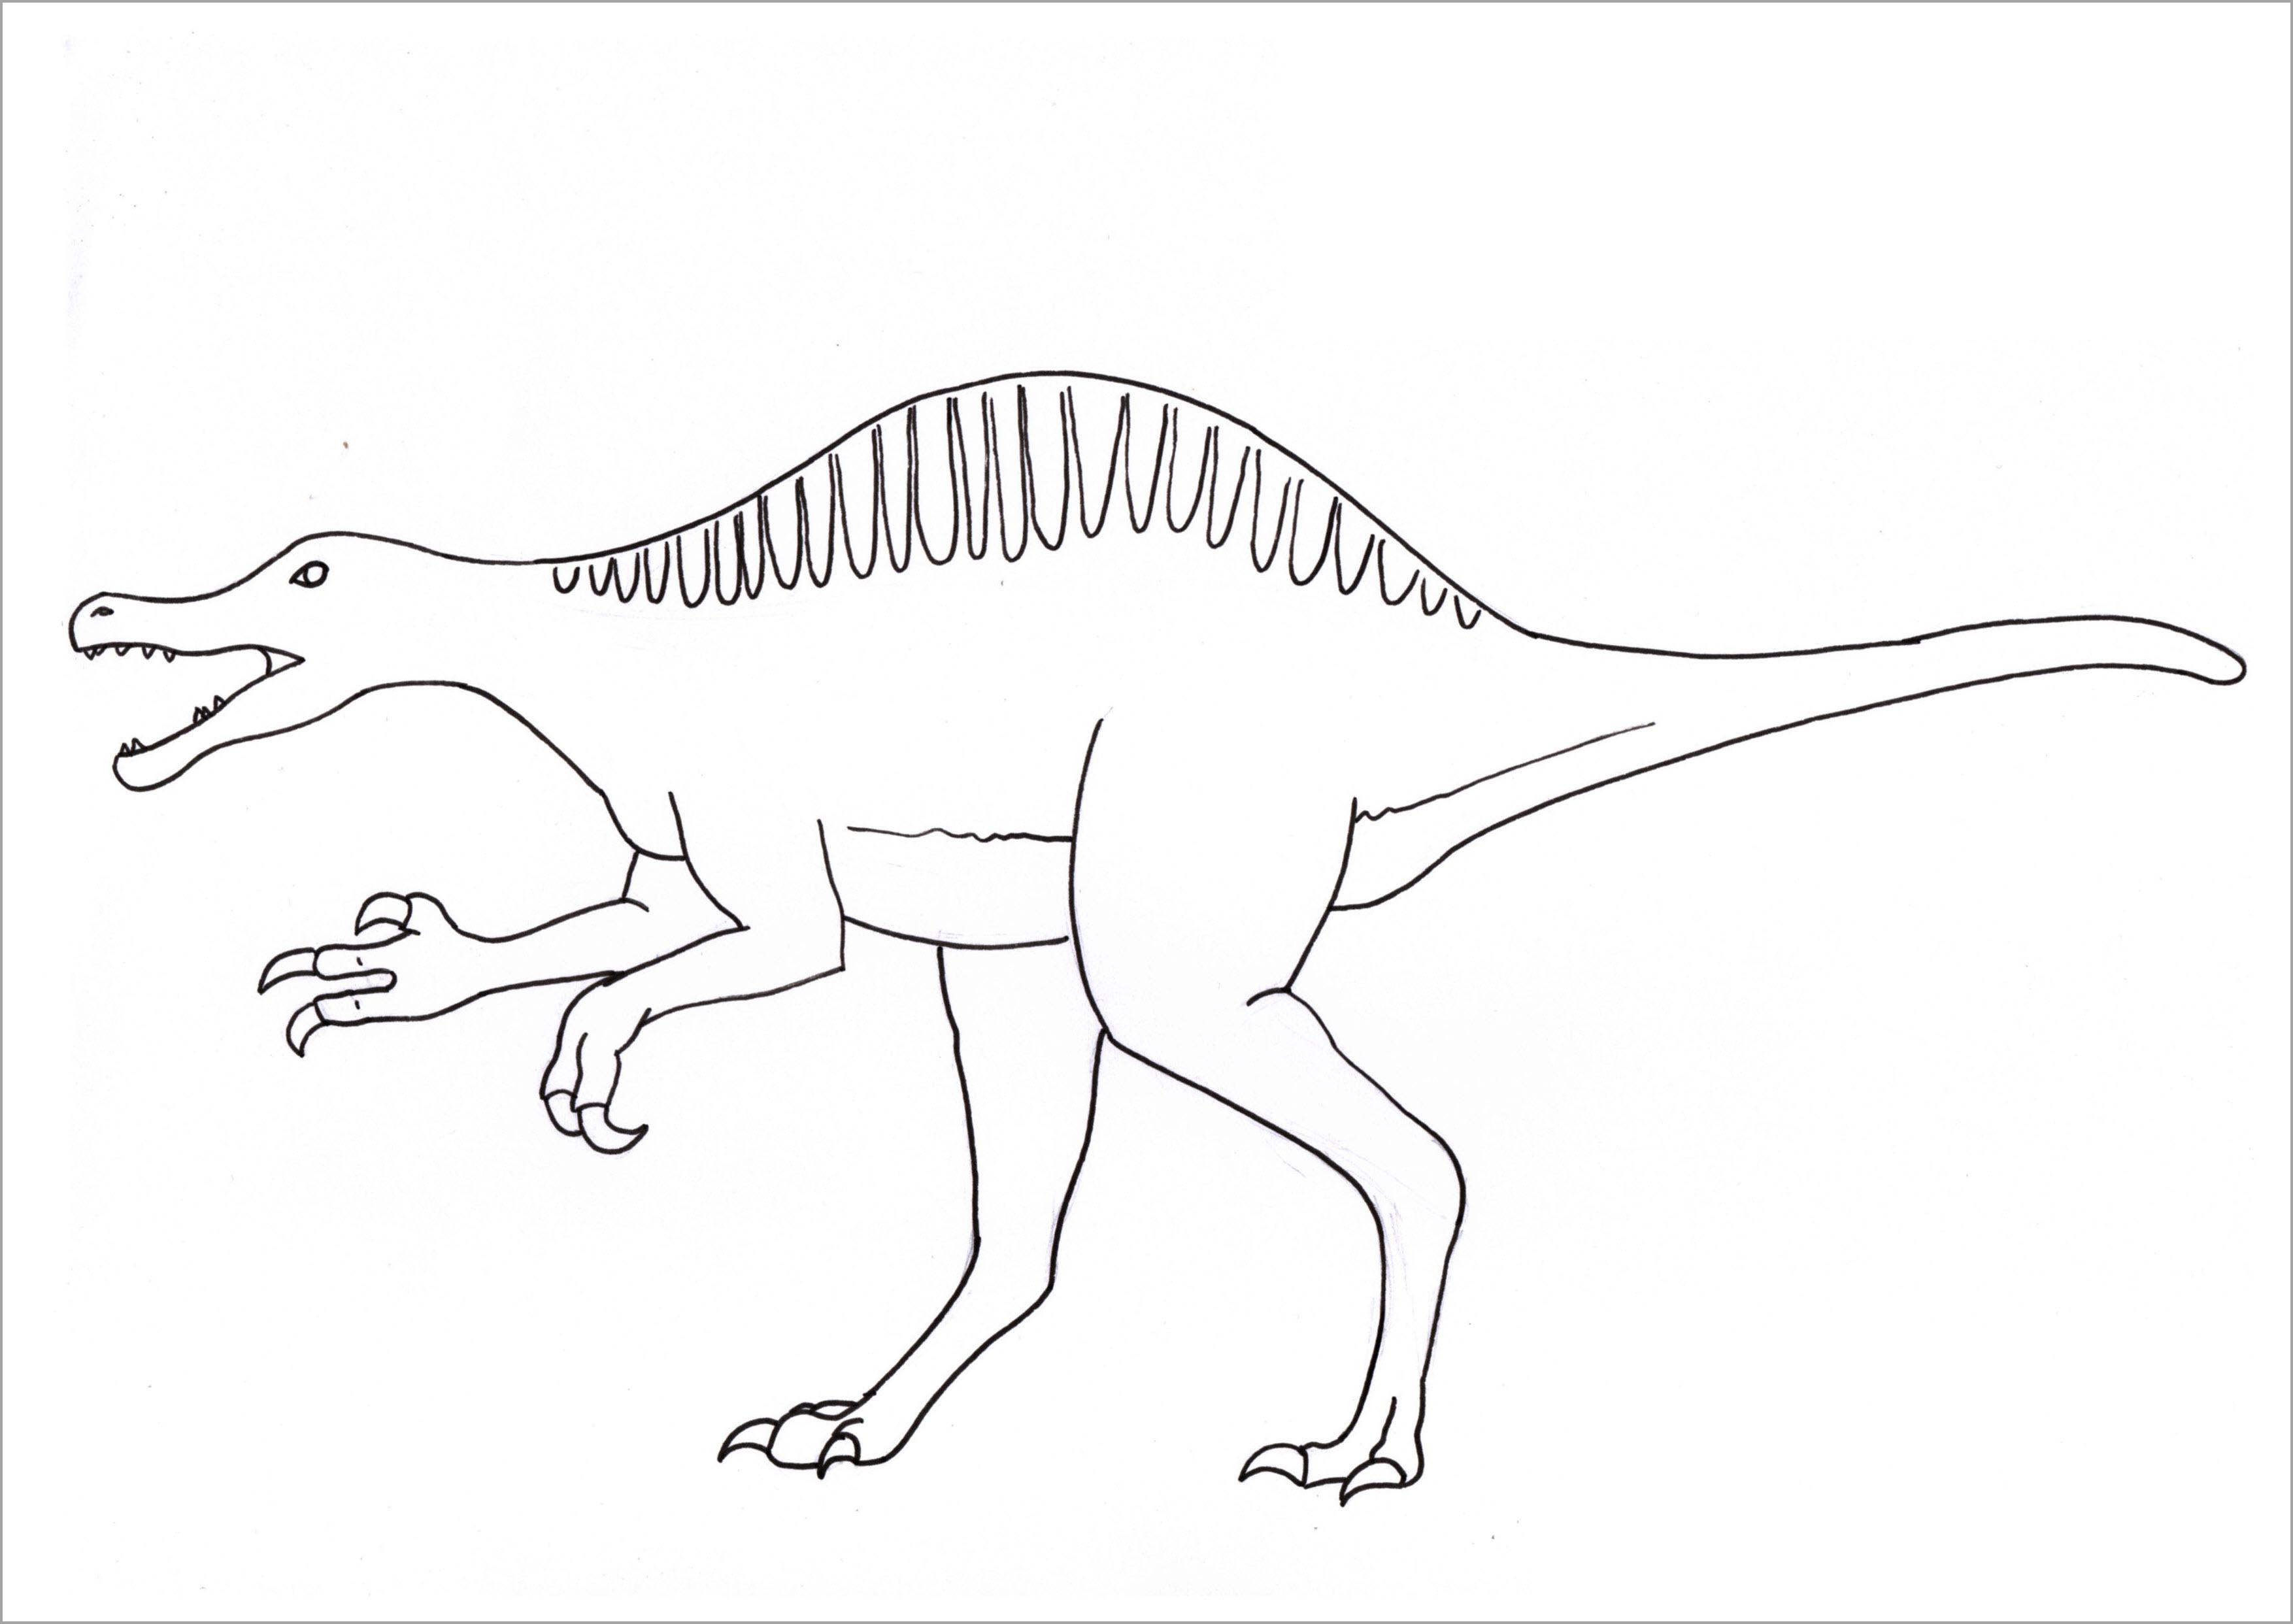 Tranh tô màu khủng long cho bé đẹp nhất